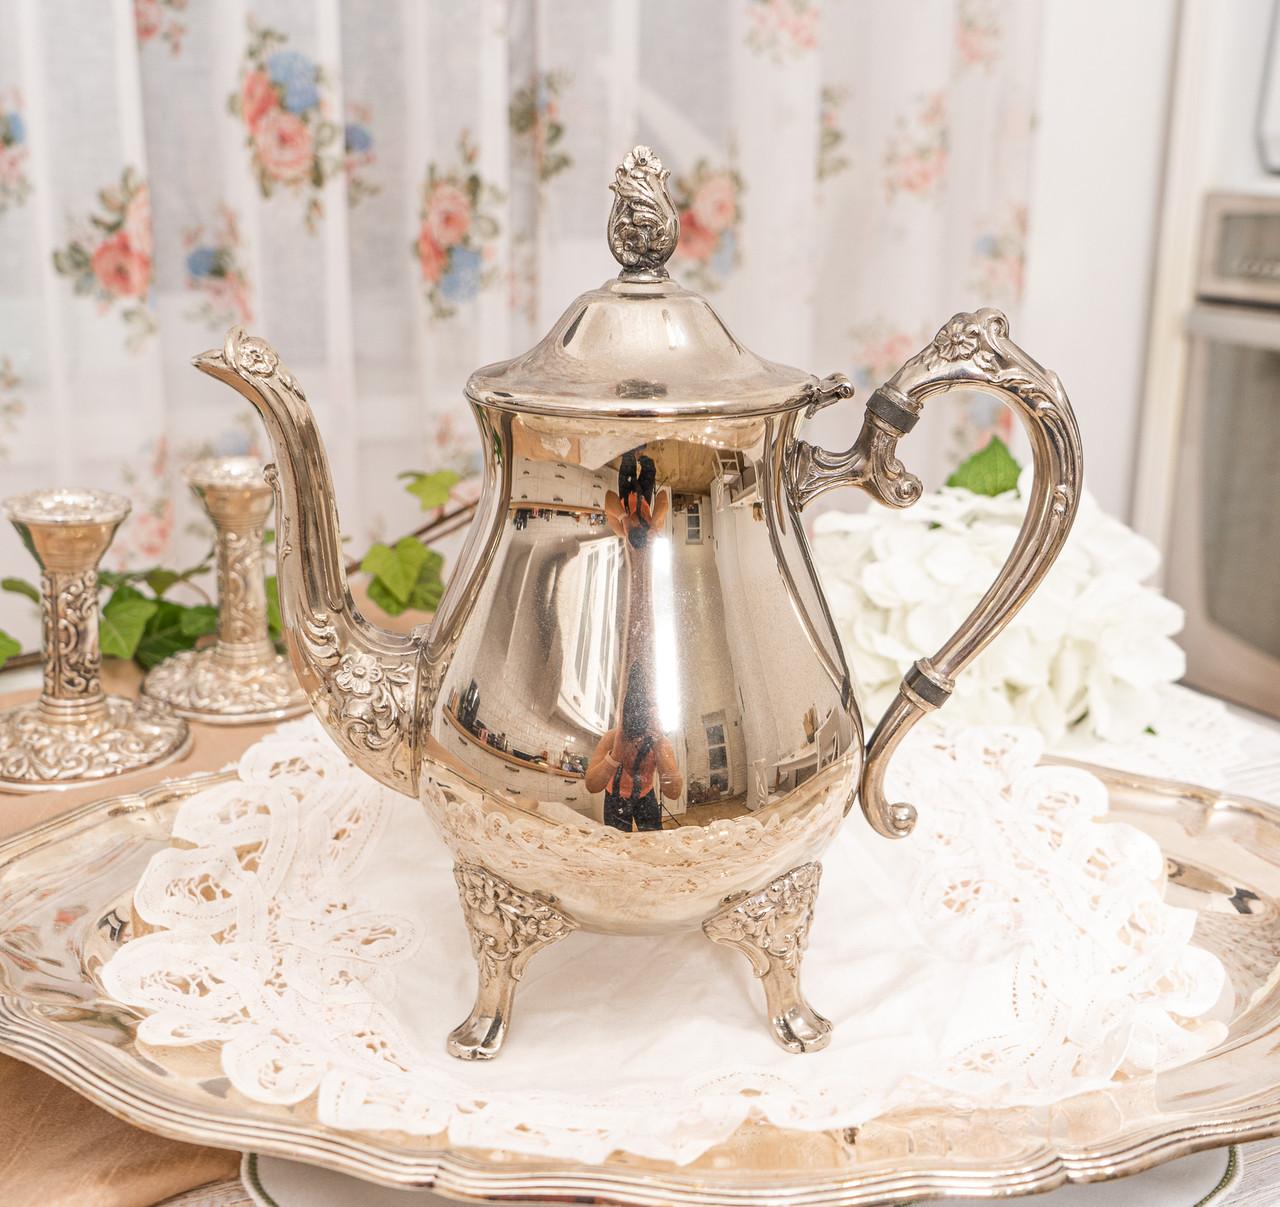 Посеребренный английский заварочный чайник на ножках, серебрение, мельхиор, Англия, 1,2 литра